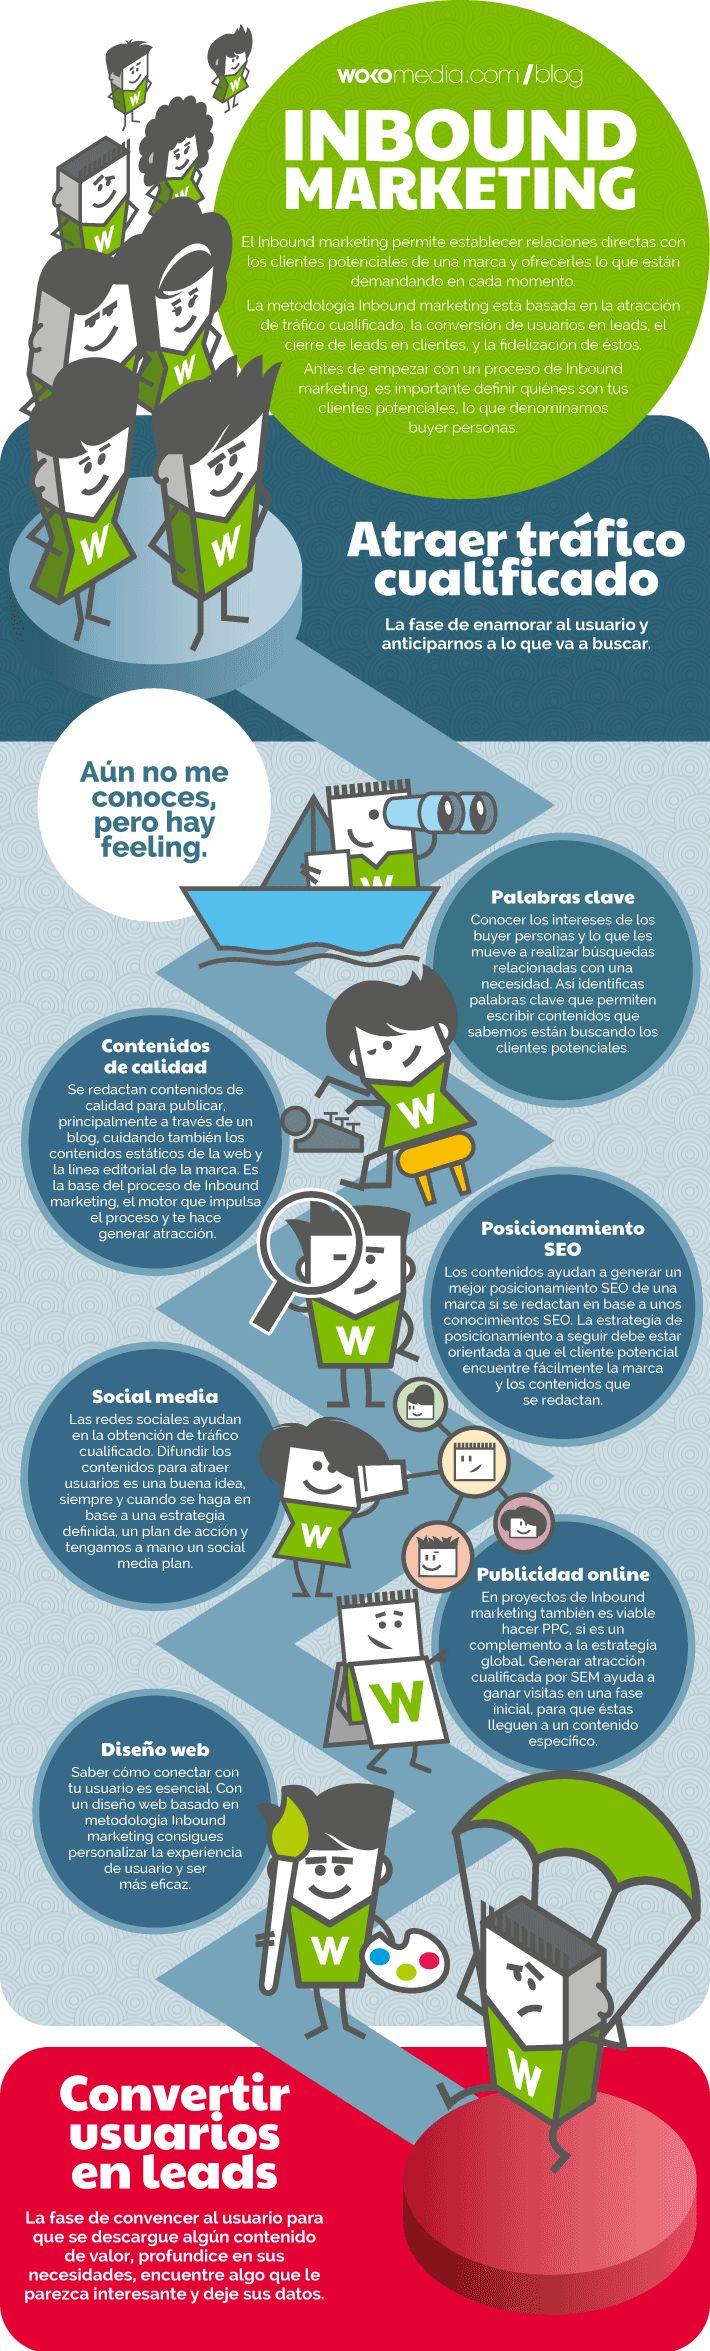 Qué es Inbound Marketing #infografia #infographic #marketing | TICs y Formación